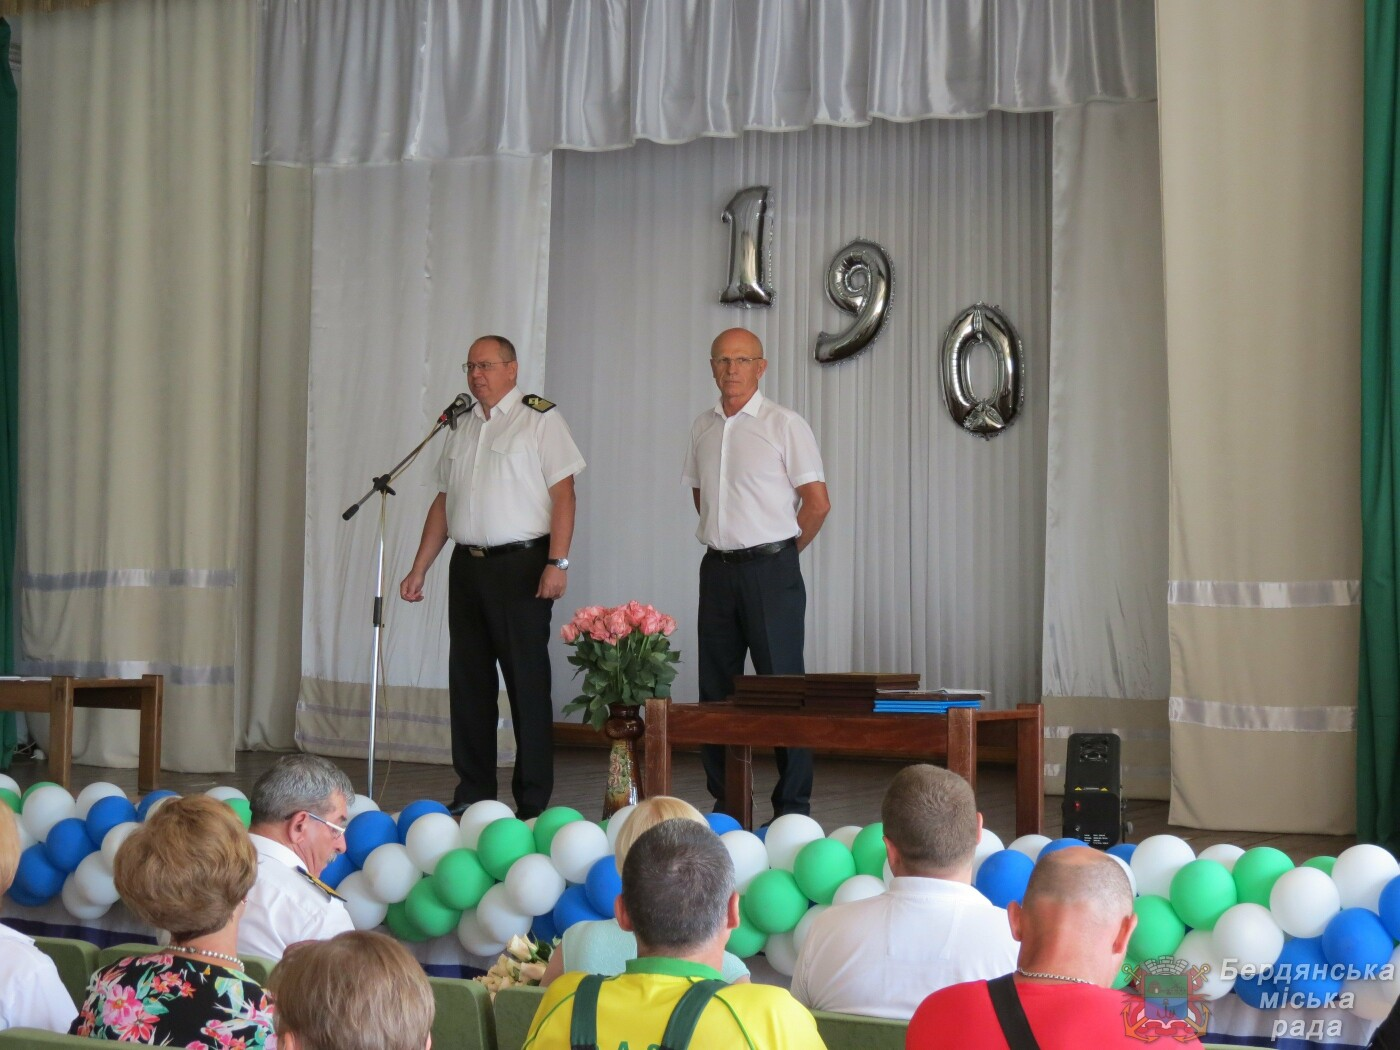 Работники Бердянского порта отмечают свой профессиональный праздник и 190 лет предприятию, фото-2